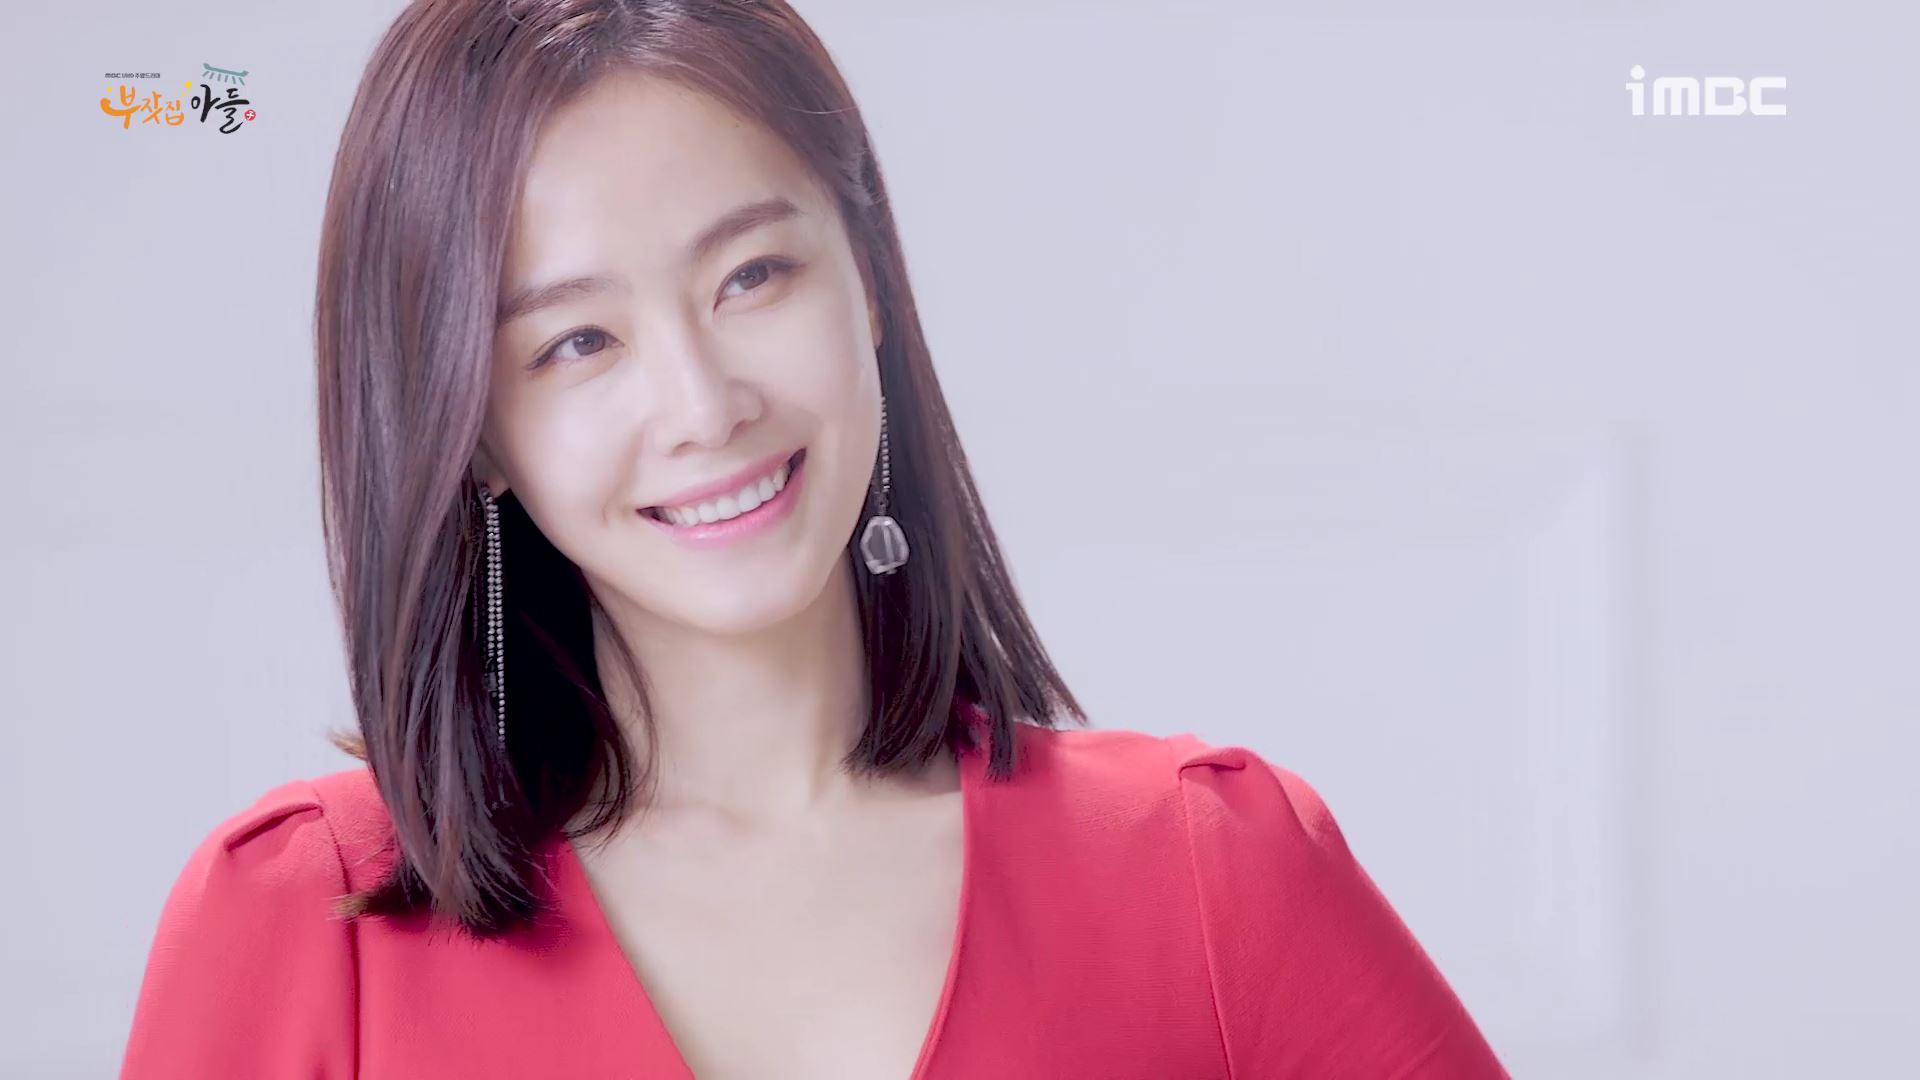 """[첫터뷰] '부잣집 아들' 홍수현, """"결혼하라는 압박 비슷해"""" 캐릭터에 공감 100%"""